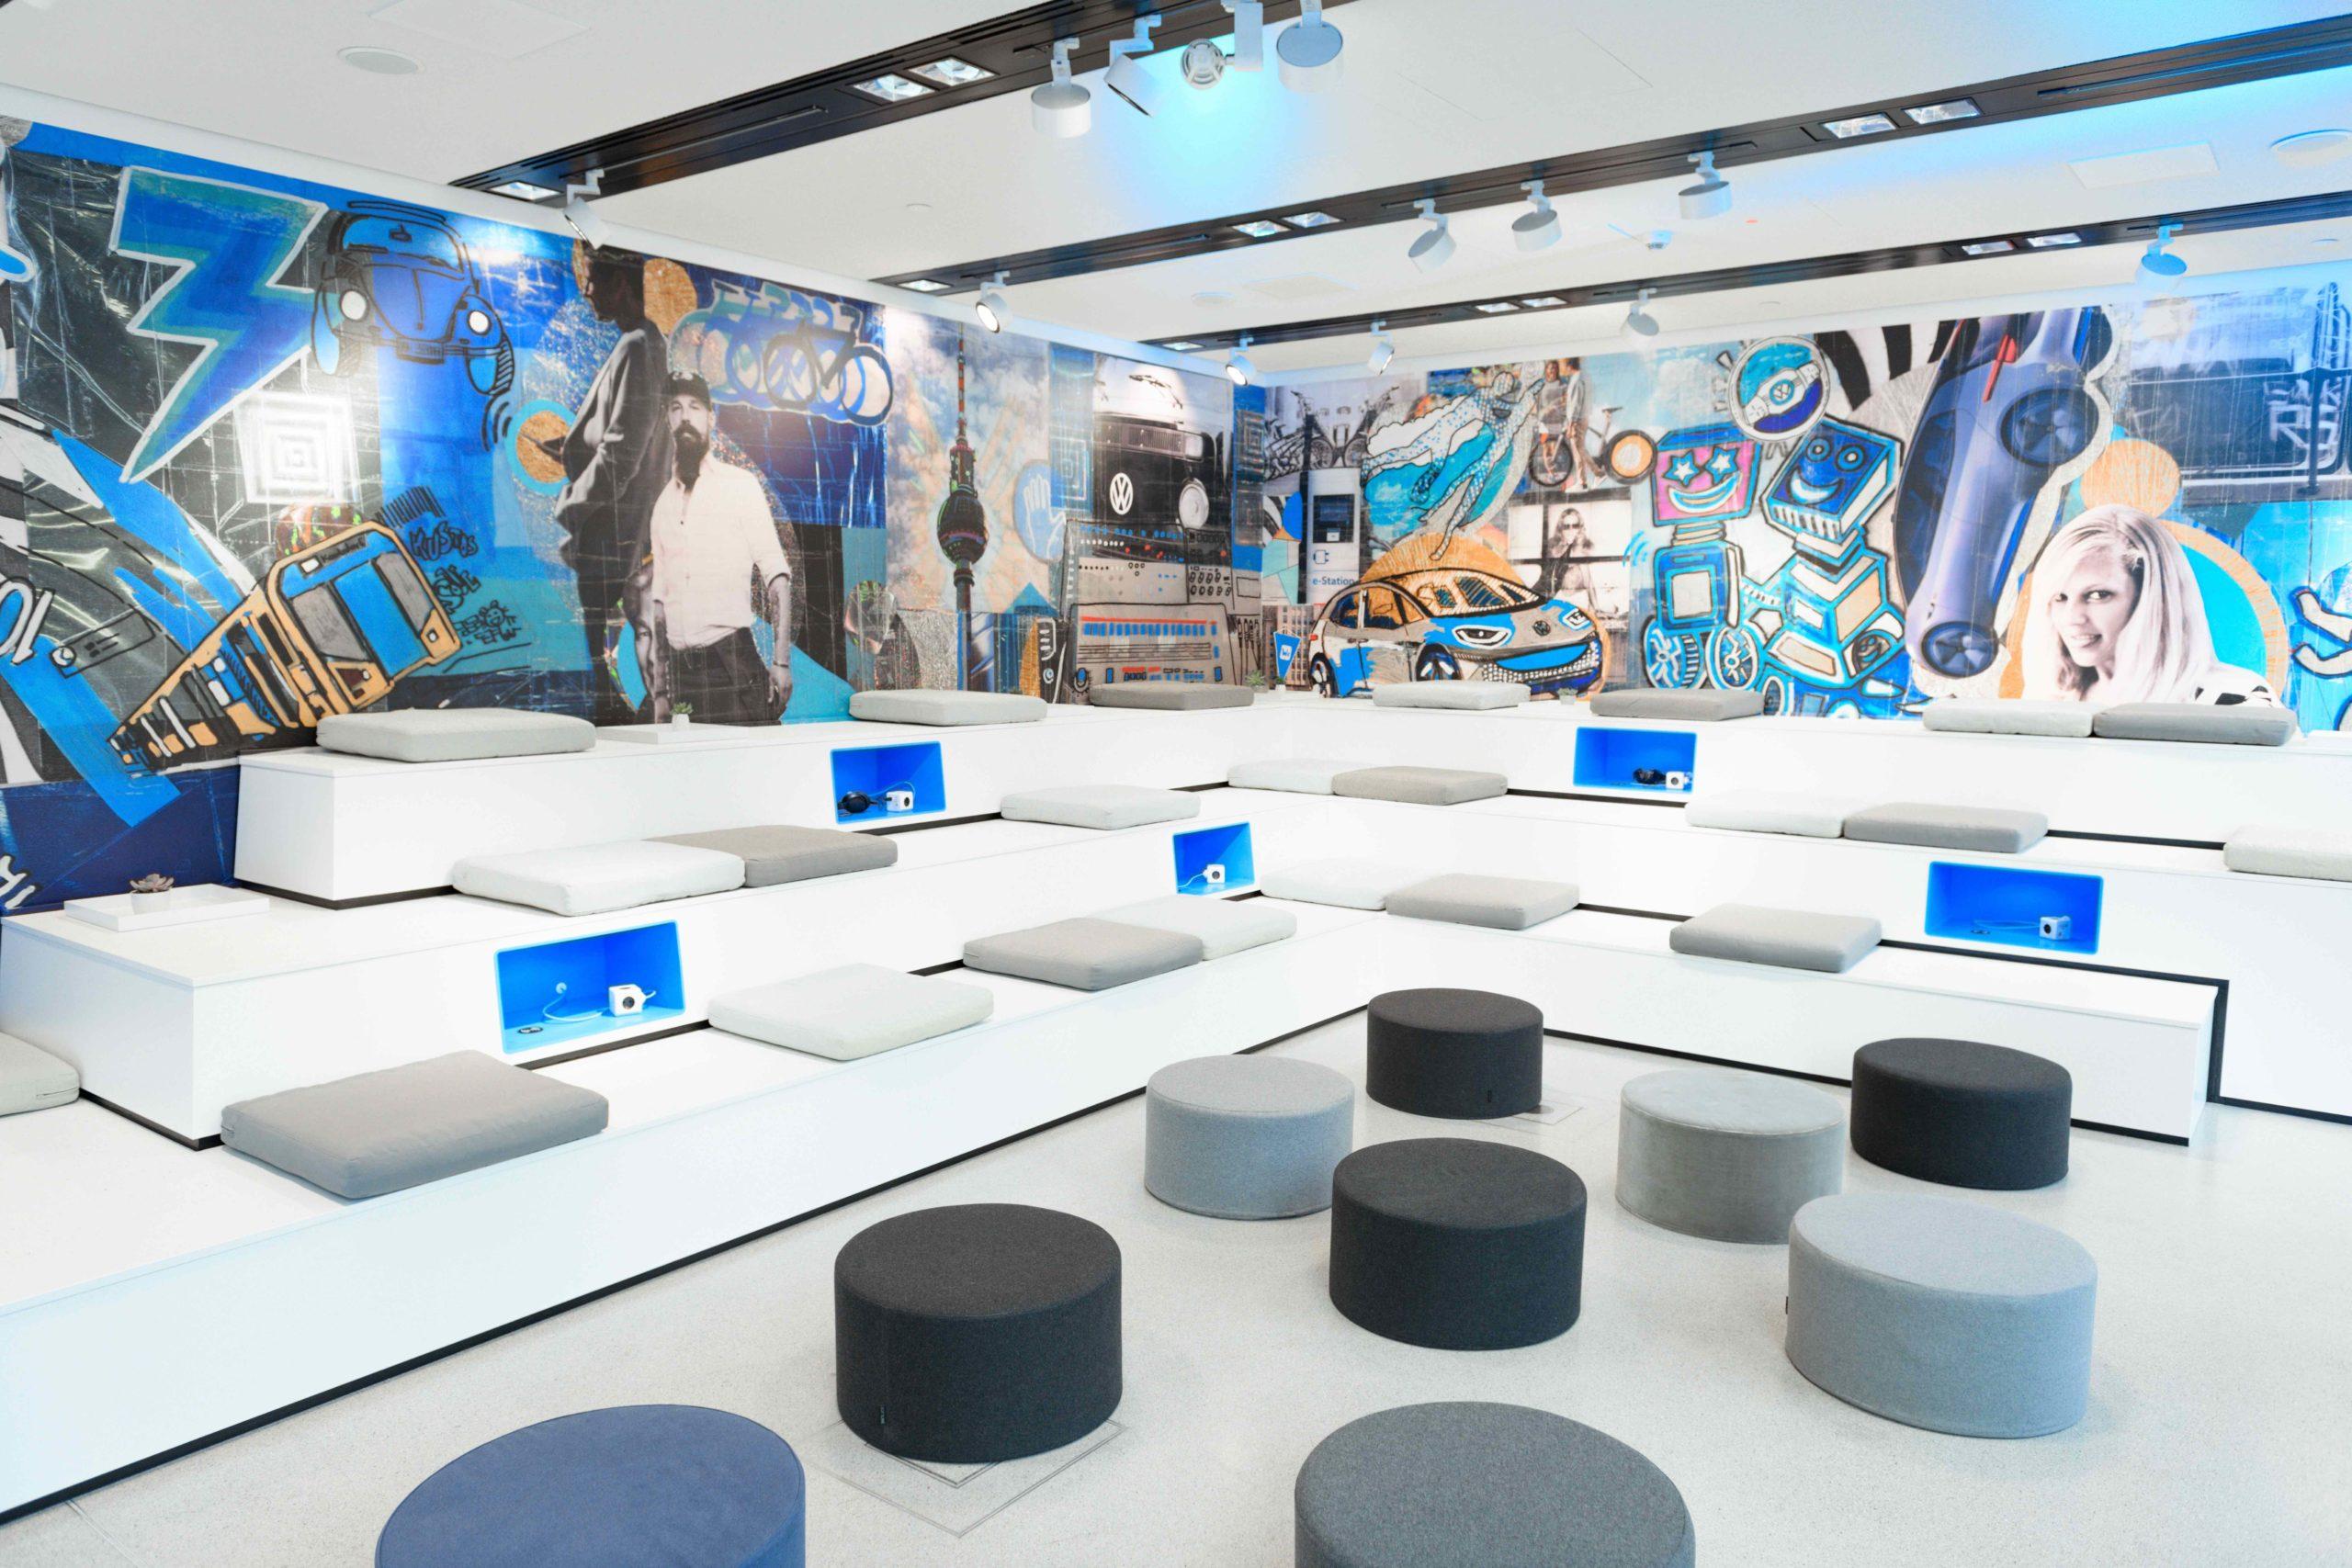 Spreefreunde installieren We Space Pop-up Store in Wolfsburg